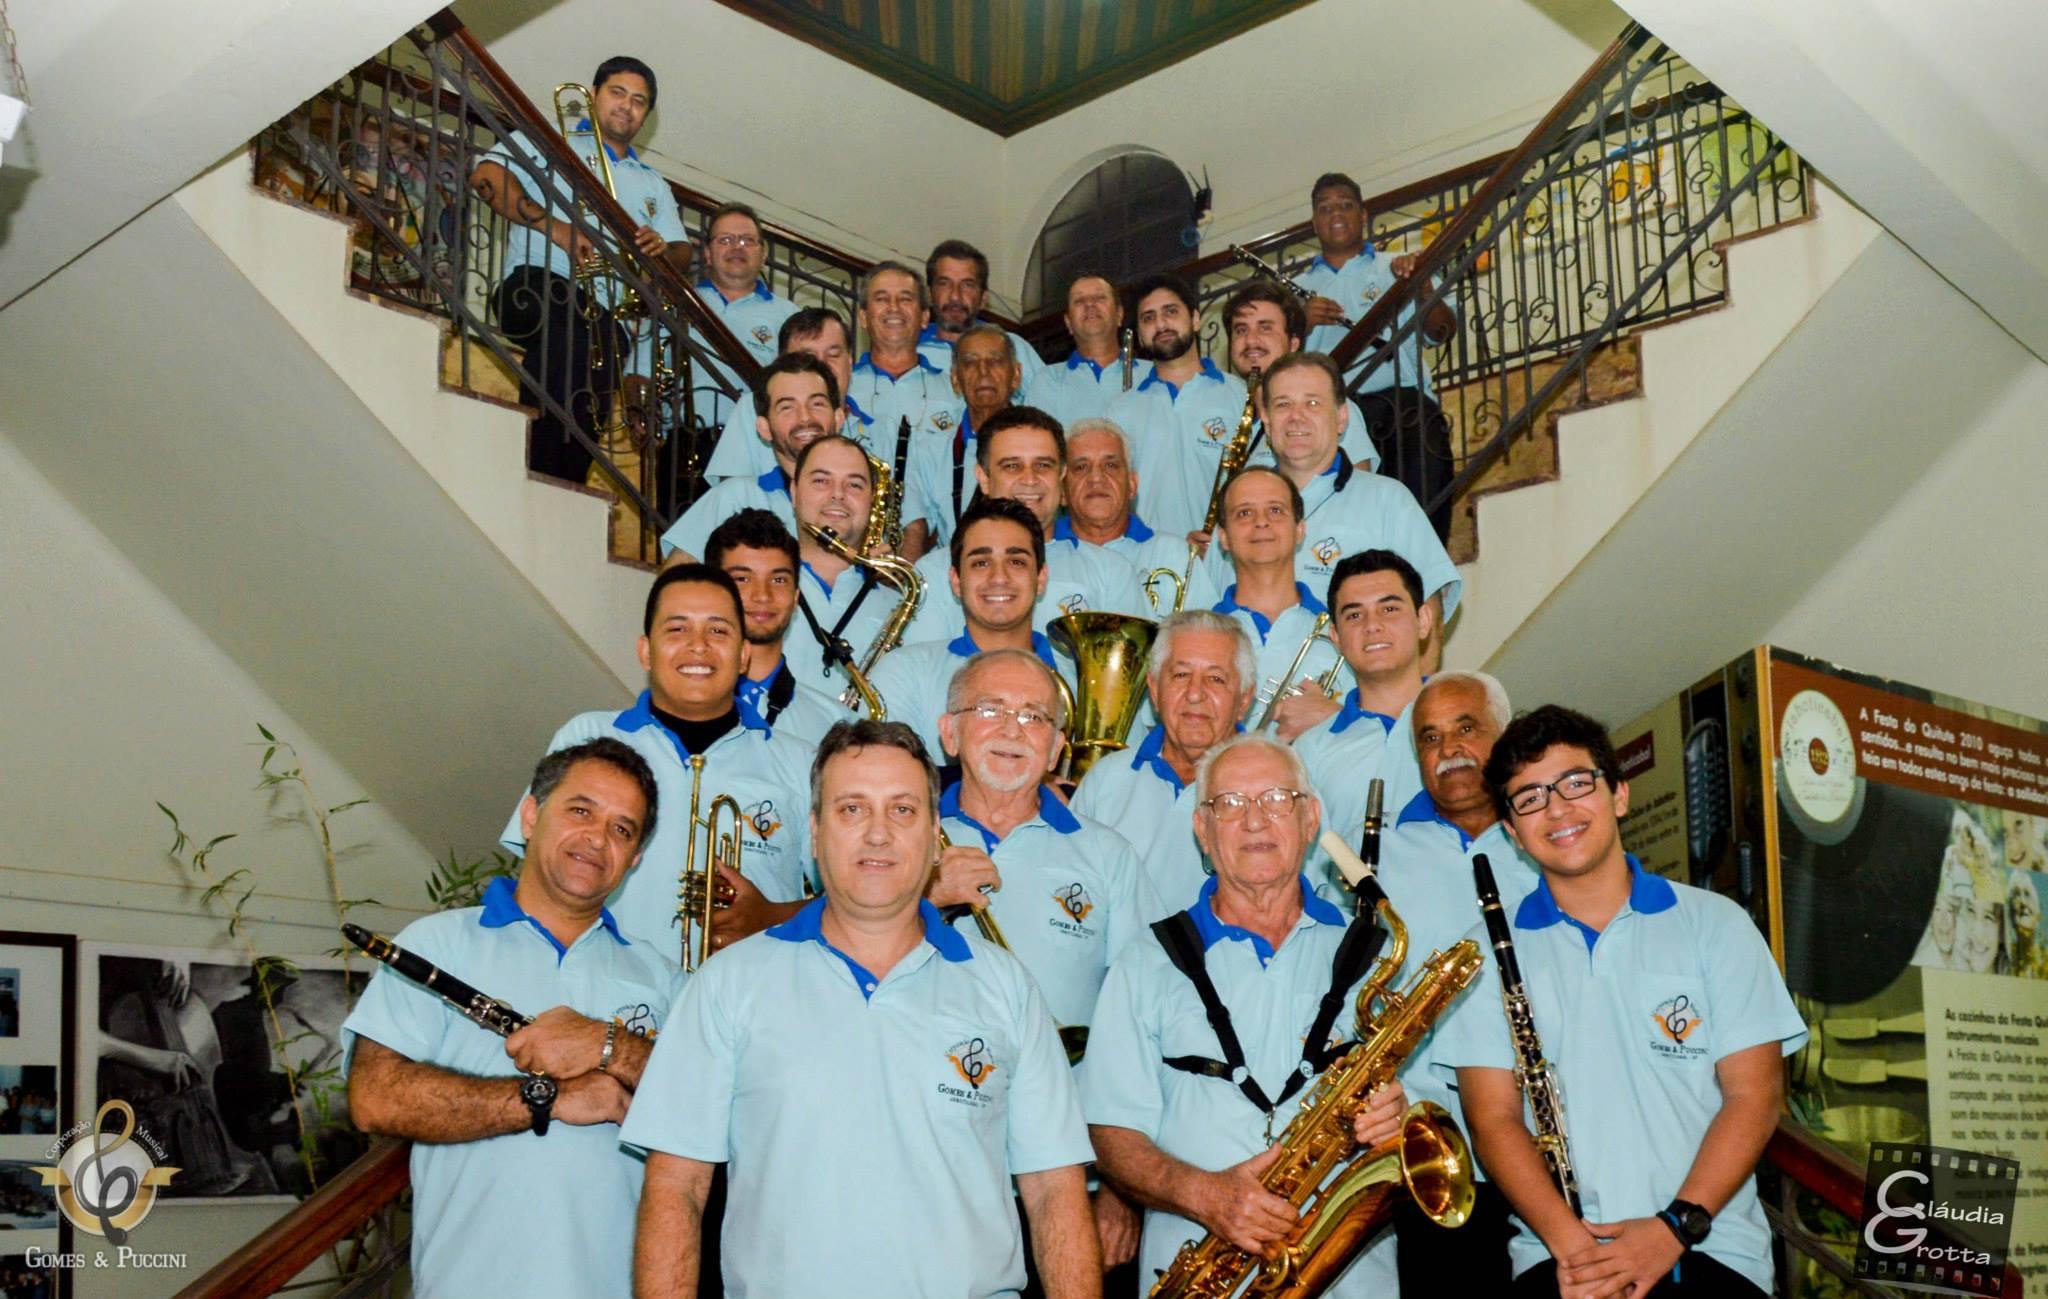 Corporação Musical Gomes e Puccini completou 104 anosno dia 8 de agosto (FOTO: Cláudia Grotta)